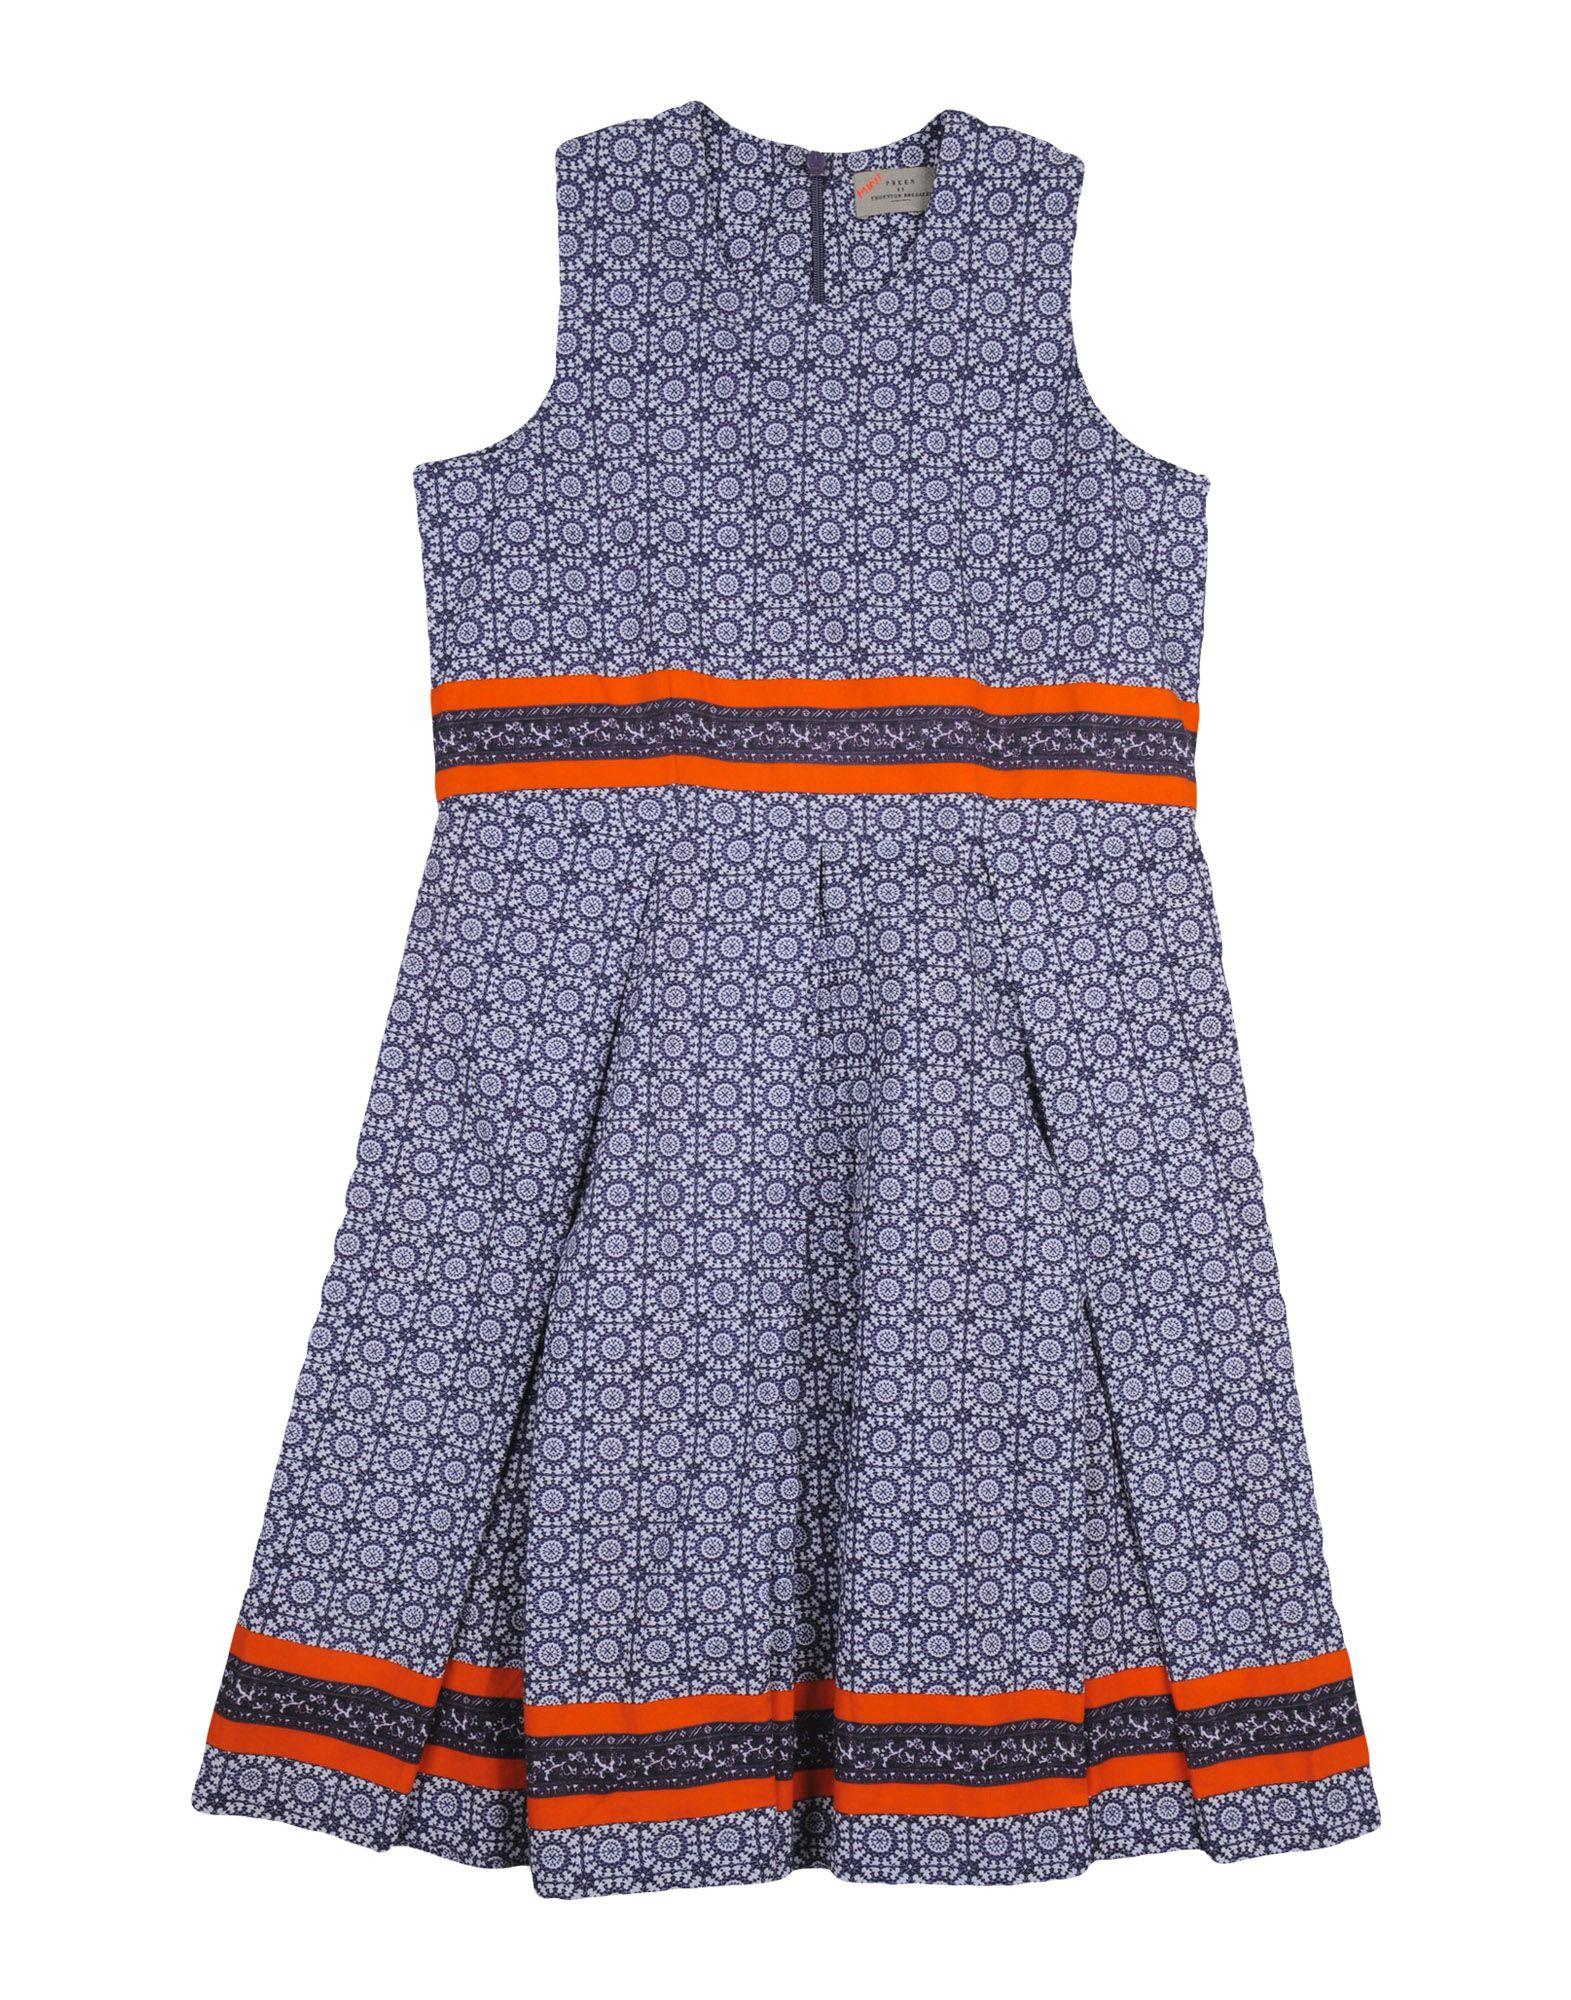 PREEN by THORNTON BREGAZZI Mädchen 9-16 jahre Kleid Farbe Dunkelblau Größe 2